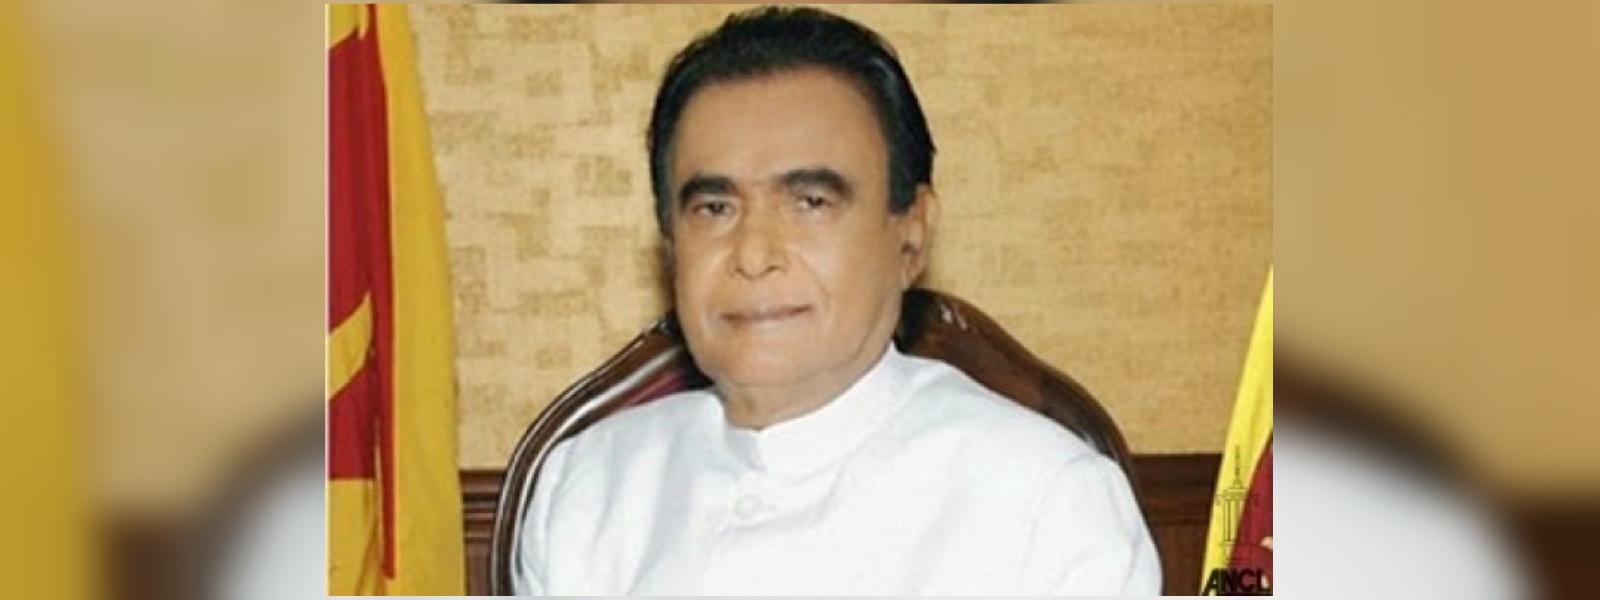 Final rites of D.M. Jayaratne to be held tomorrow